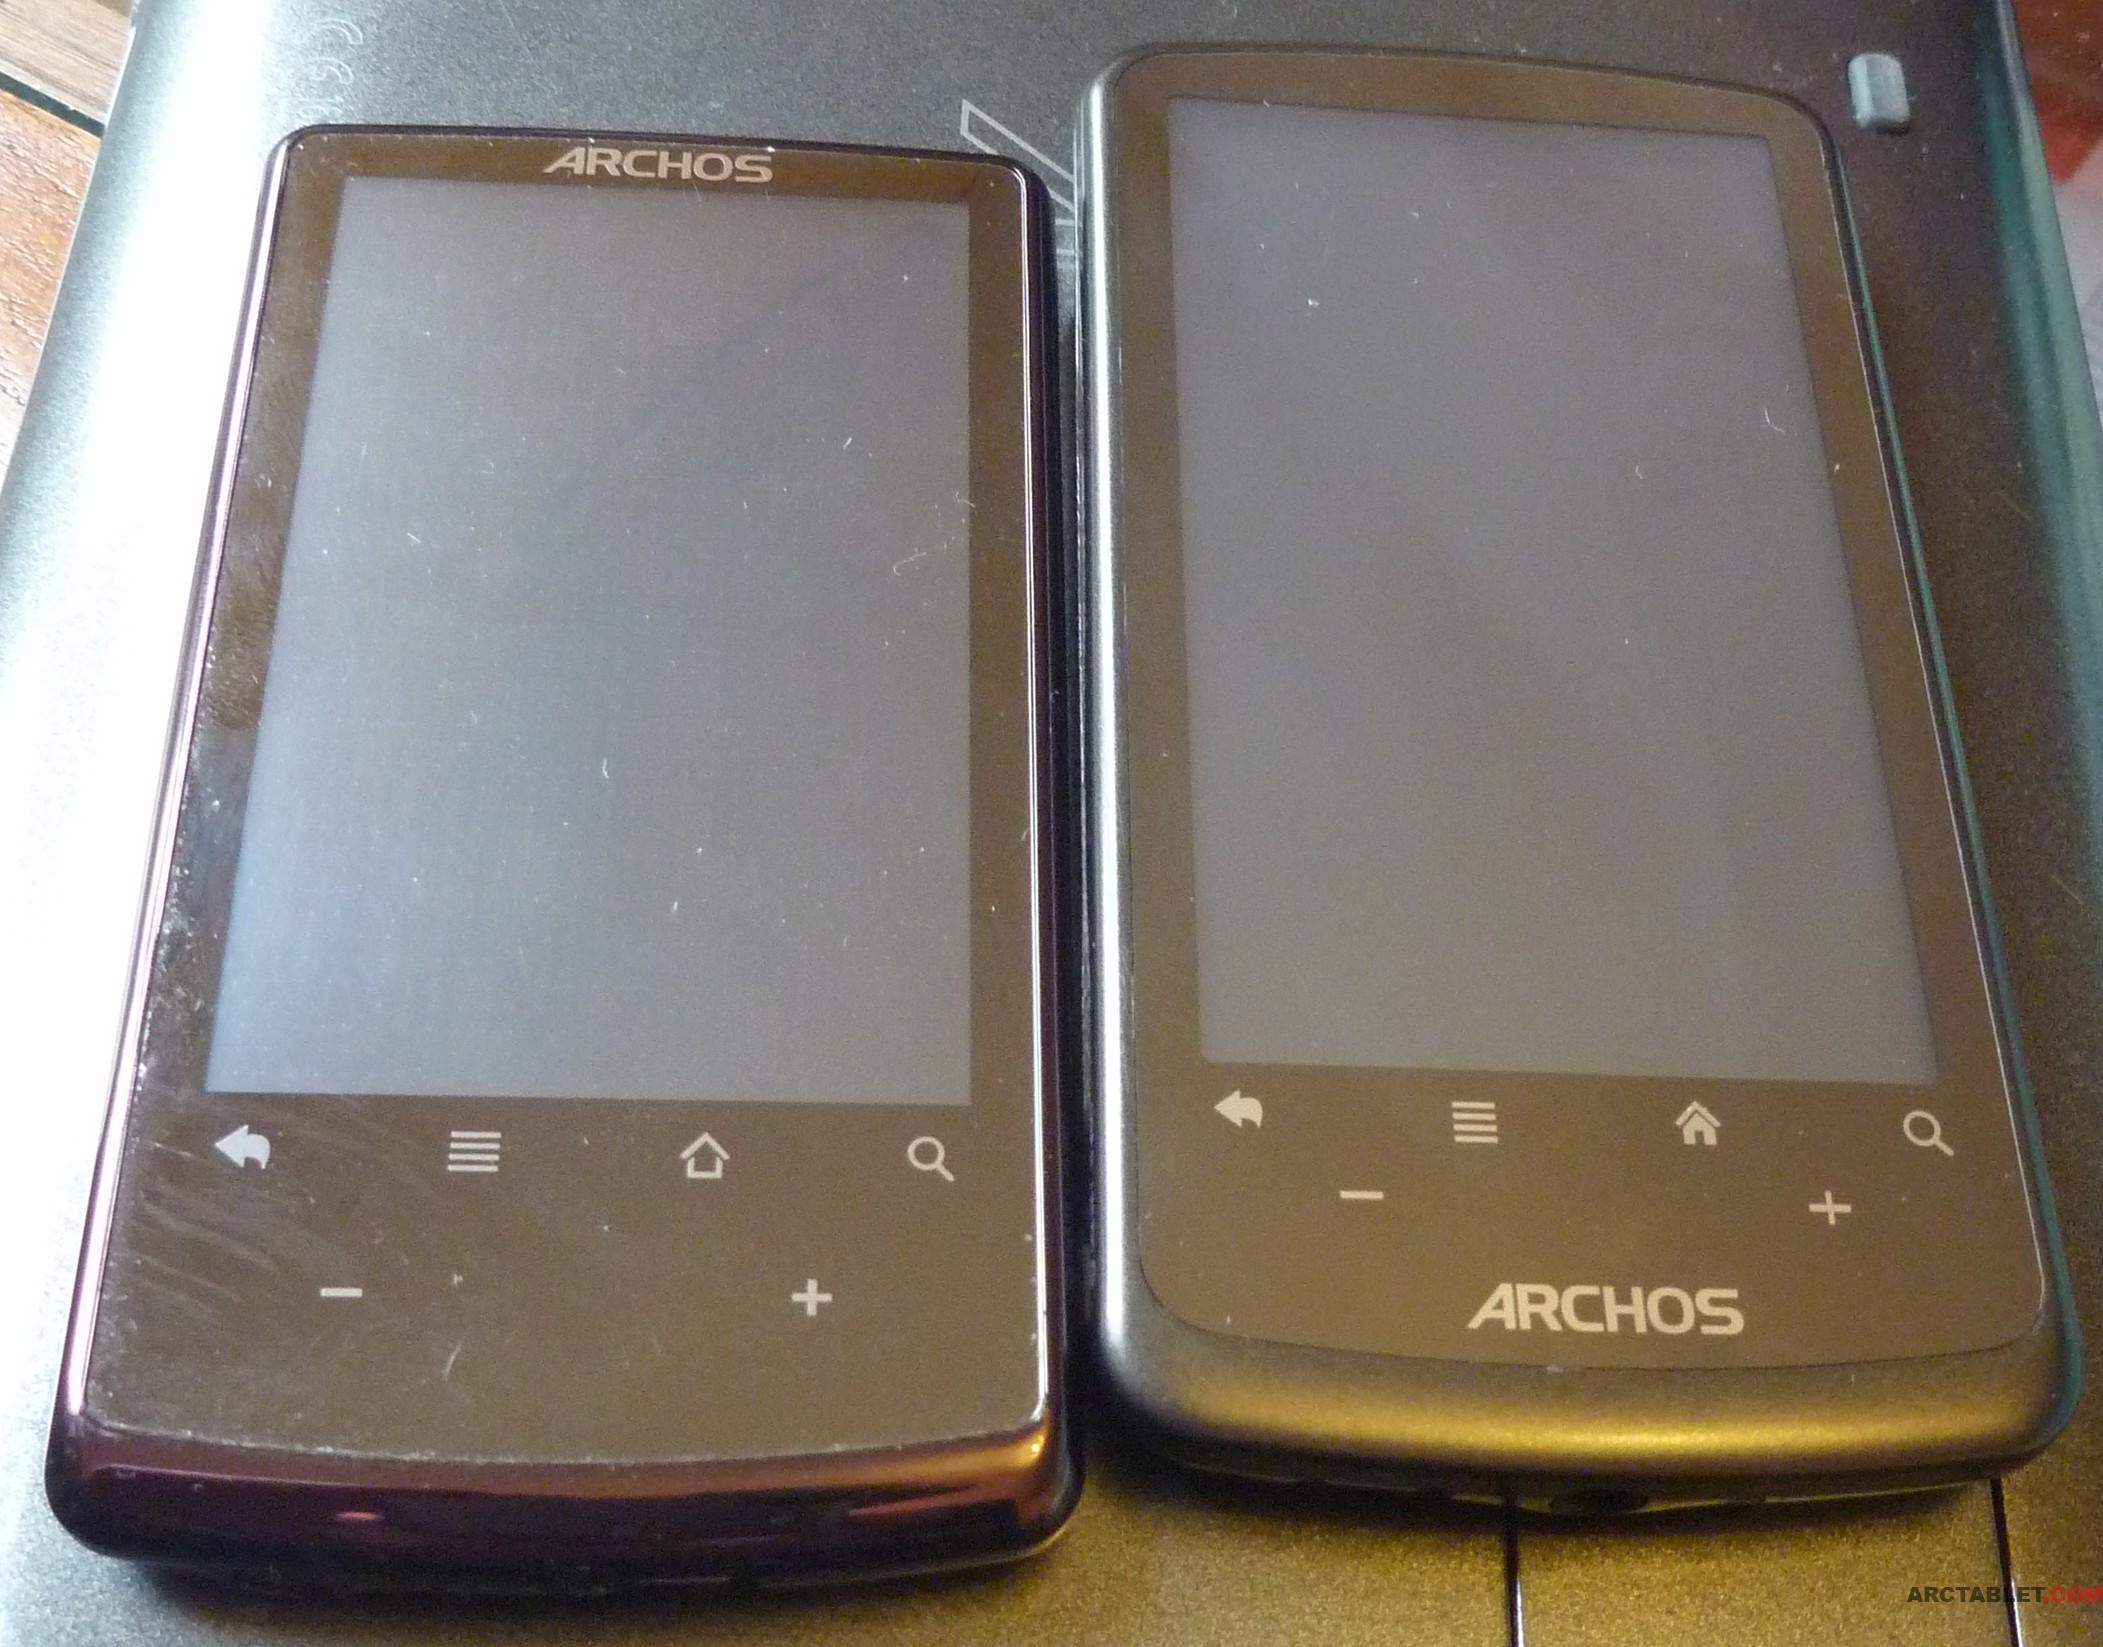 Archos32_Archos35_P1080984.jpg